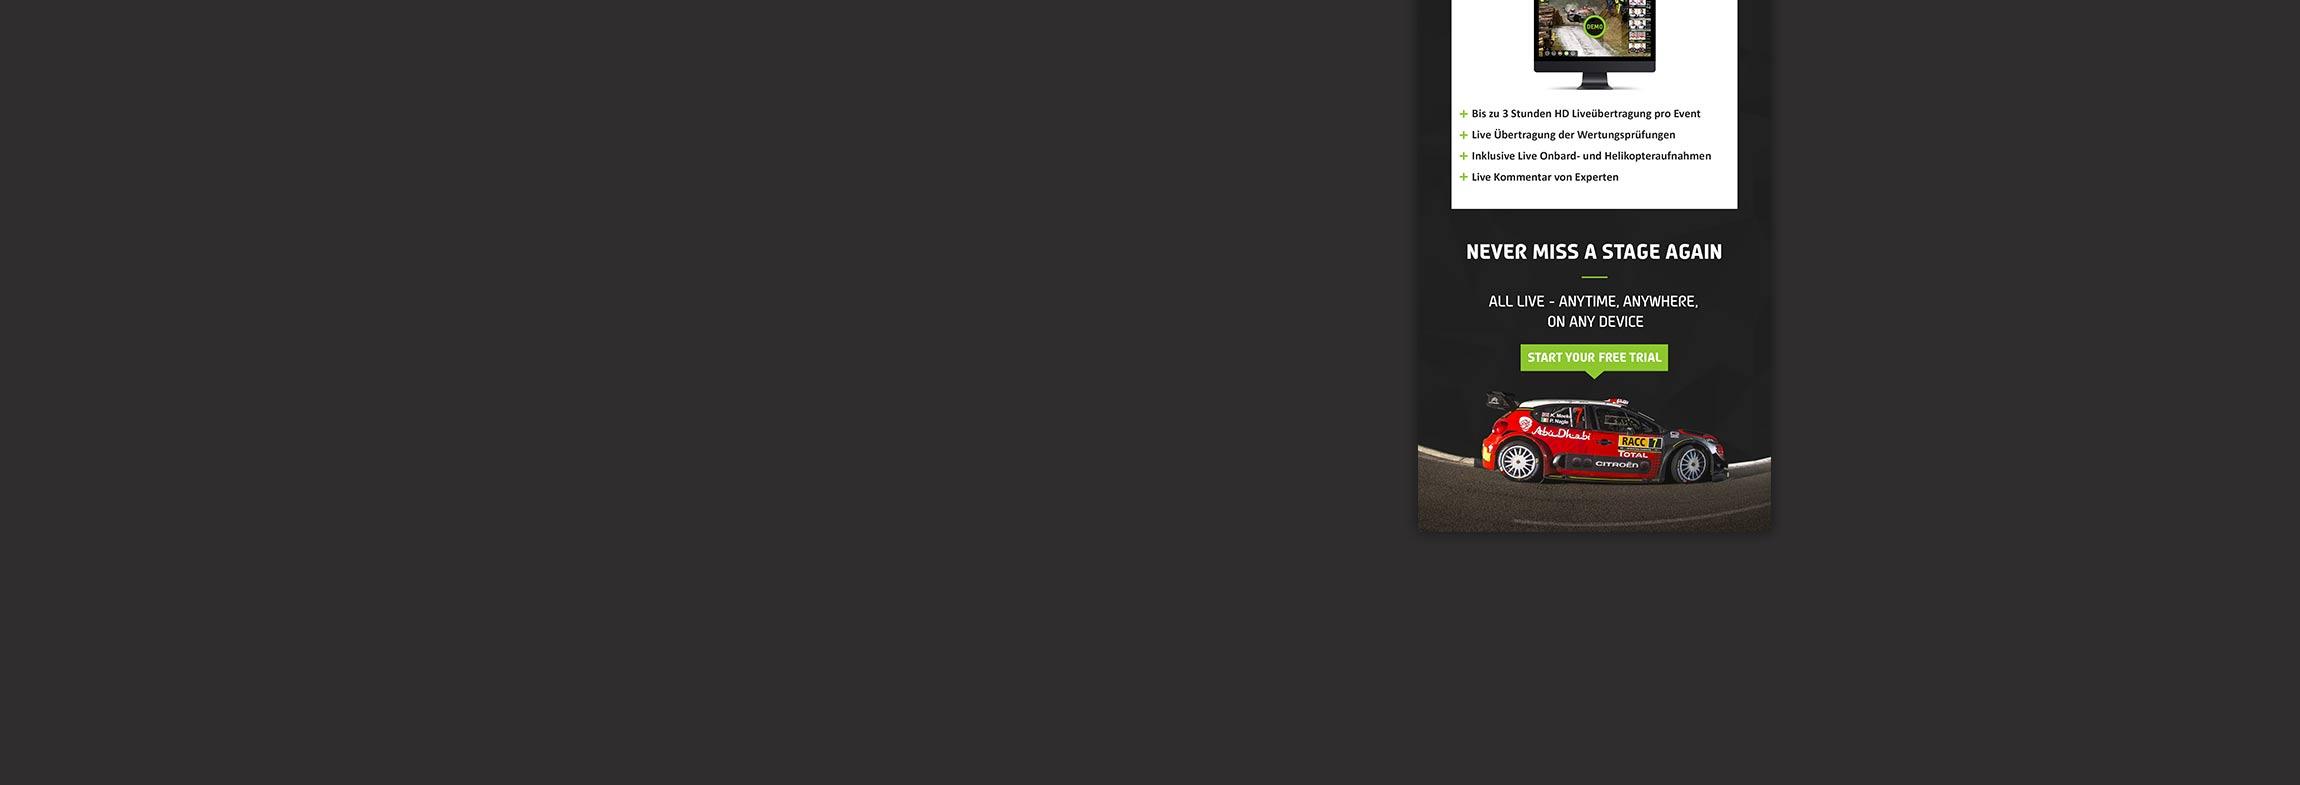 eazee-designstudio-website-erstellen-lassen-muenchen-wrc-epg05